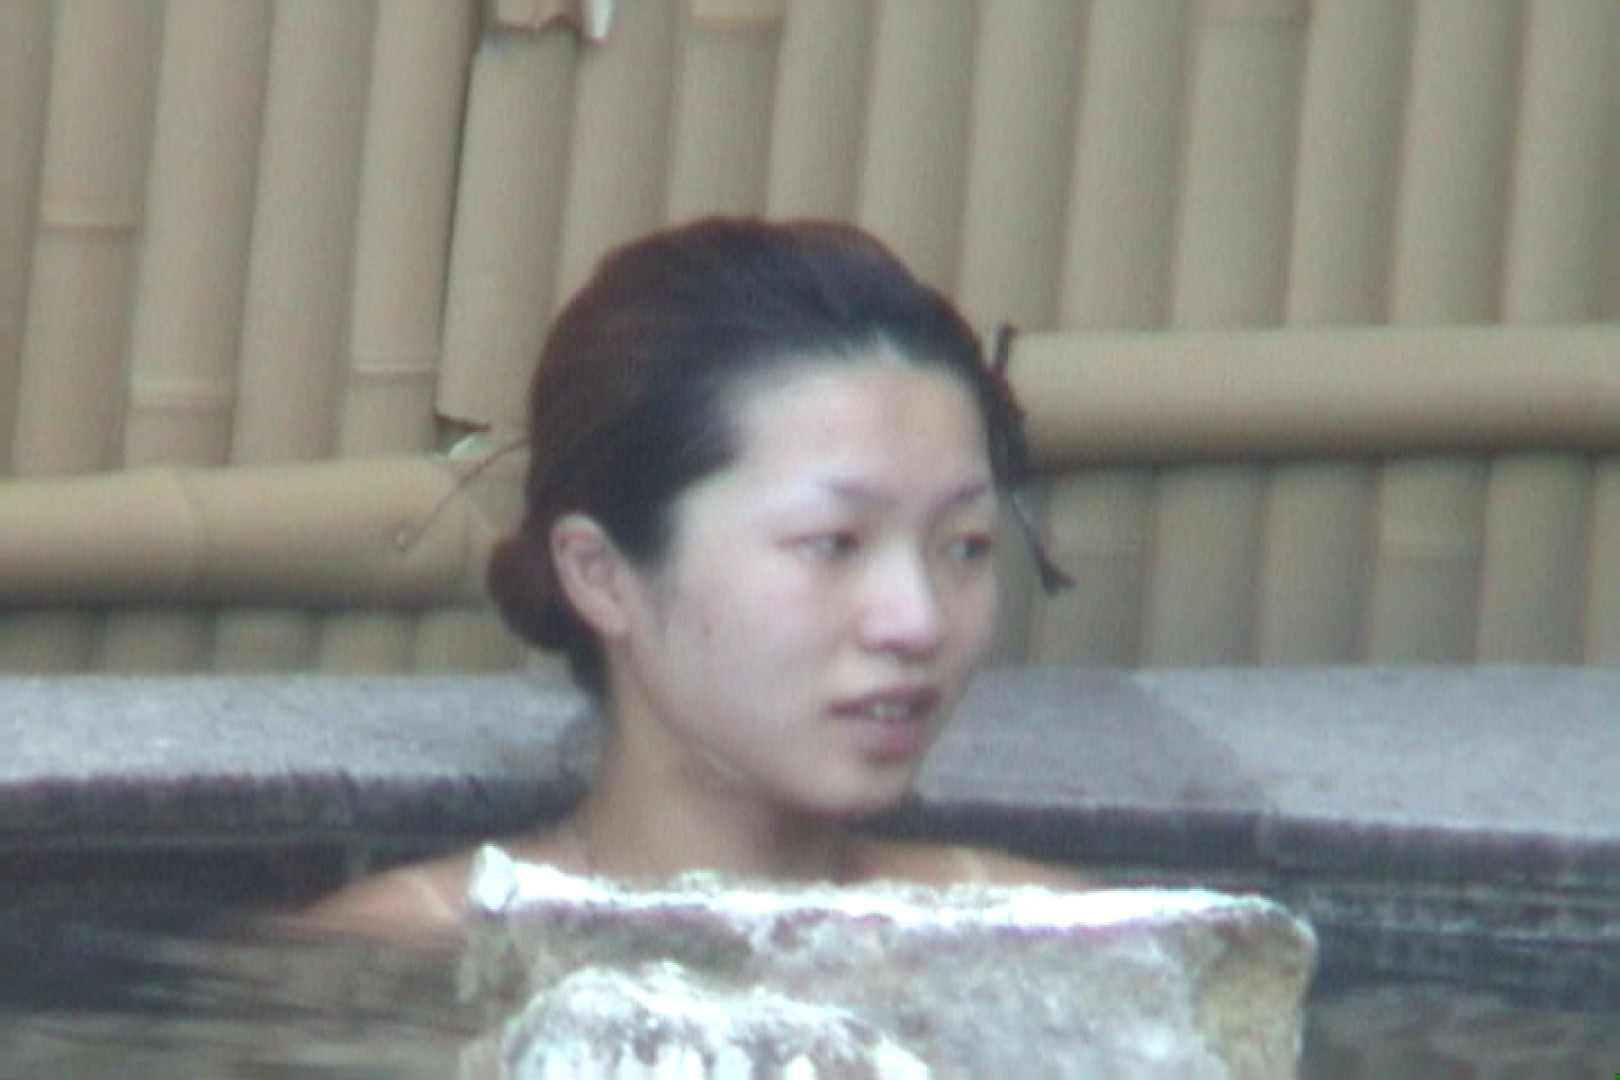 Aquaな露天風呂Vol.571 美しいOLの裸体  99pic 6